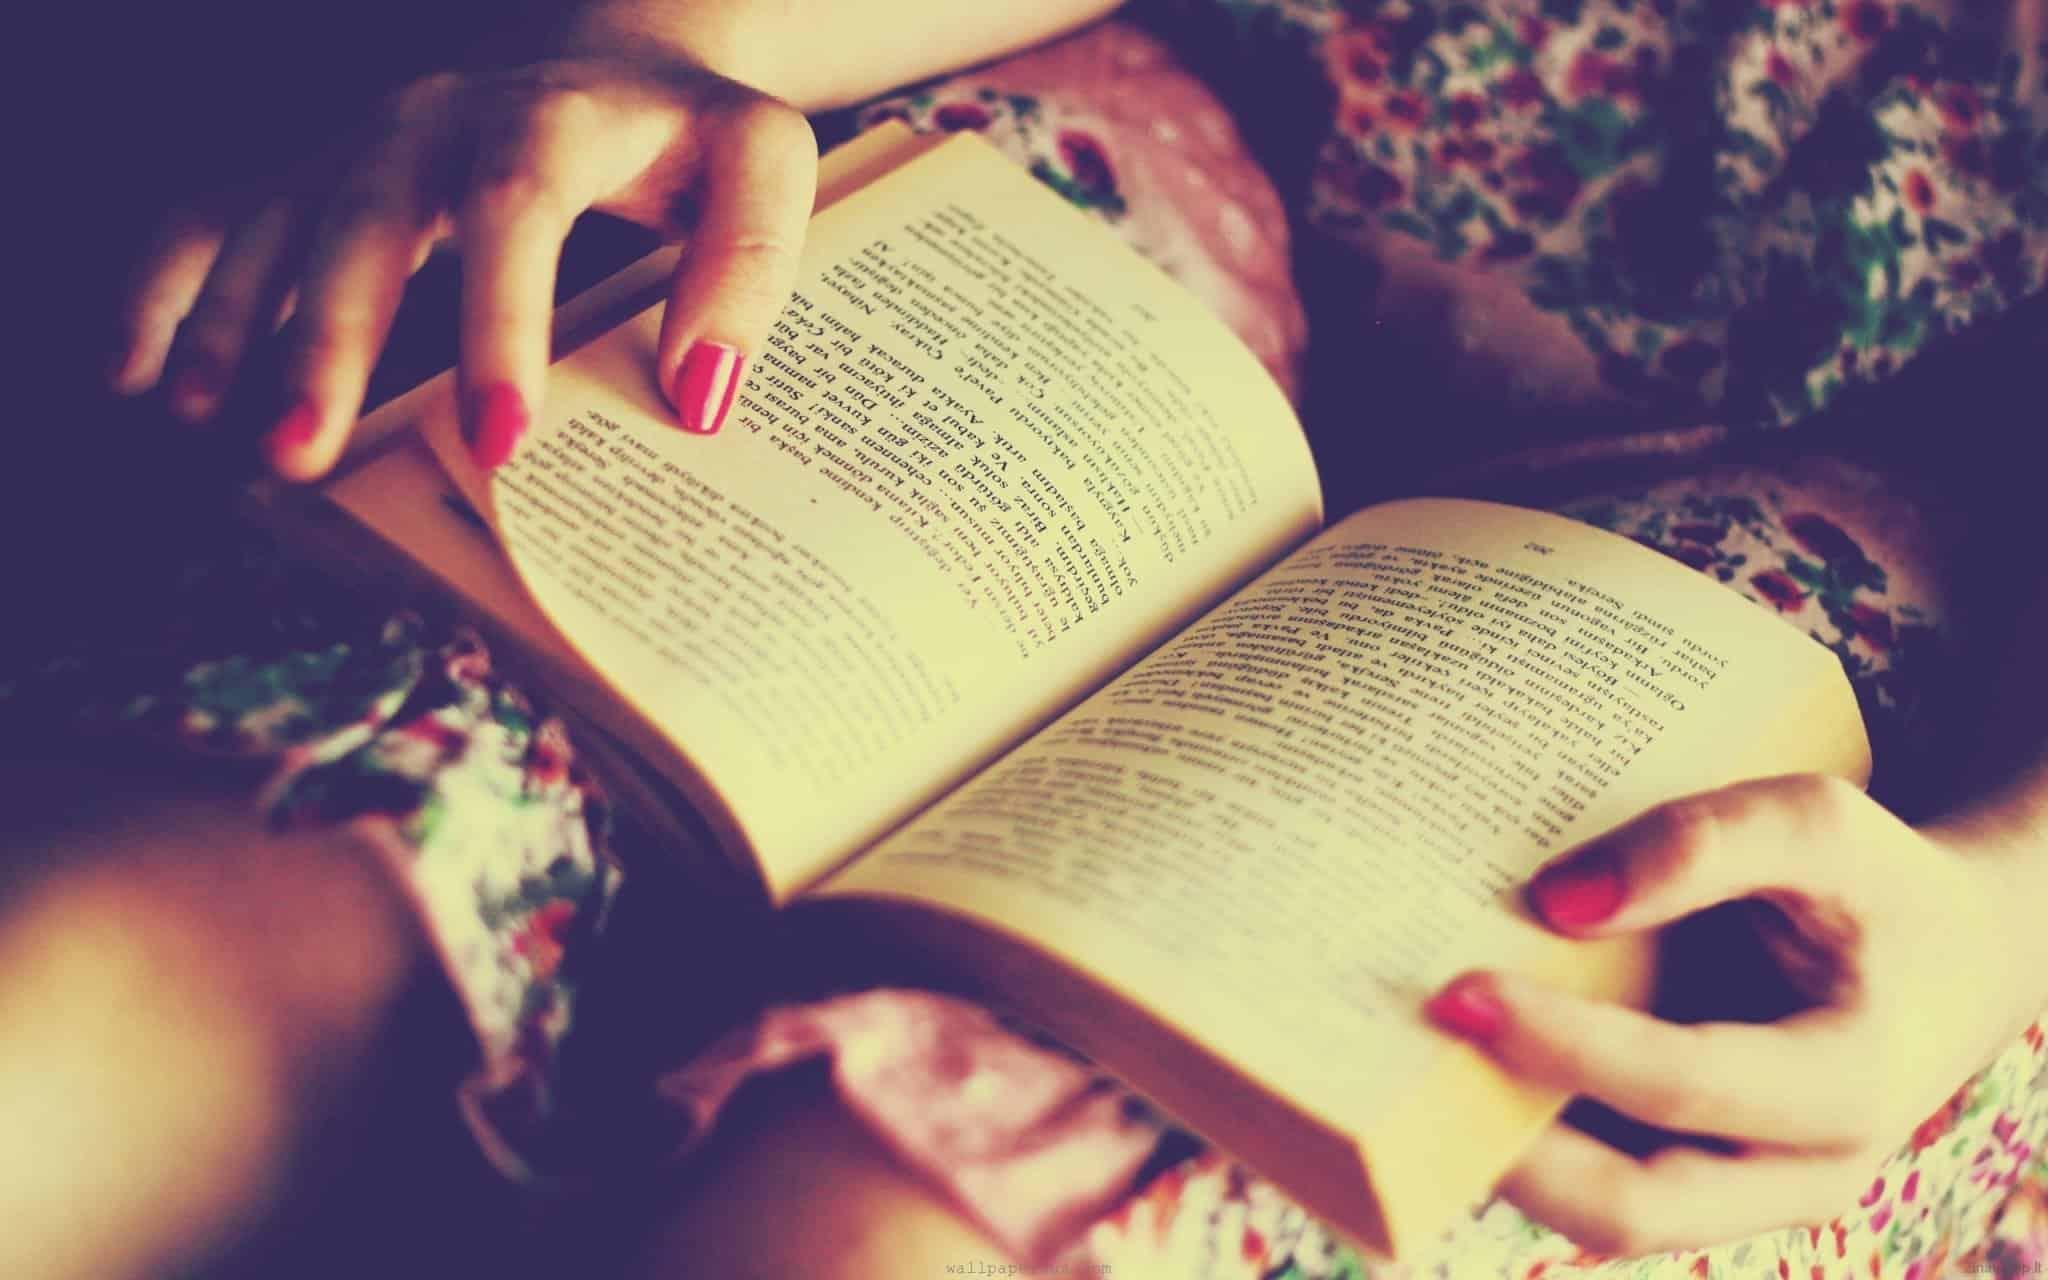 Kaip išsirinkti gerą knygą